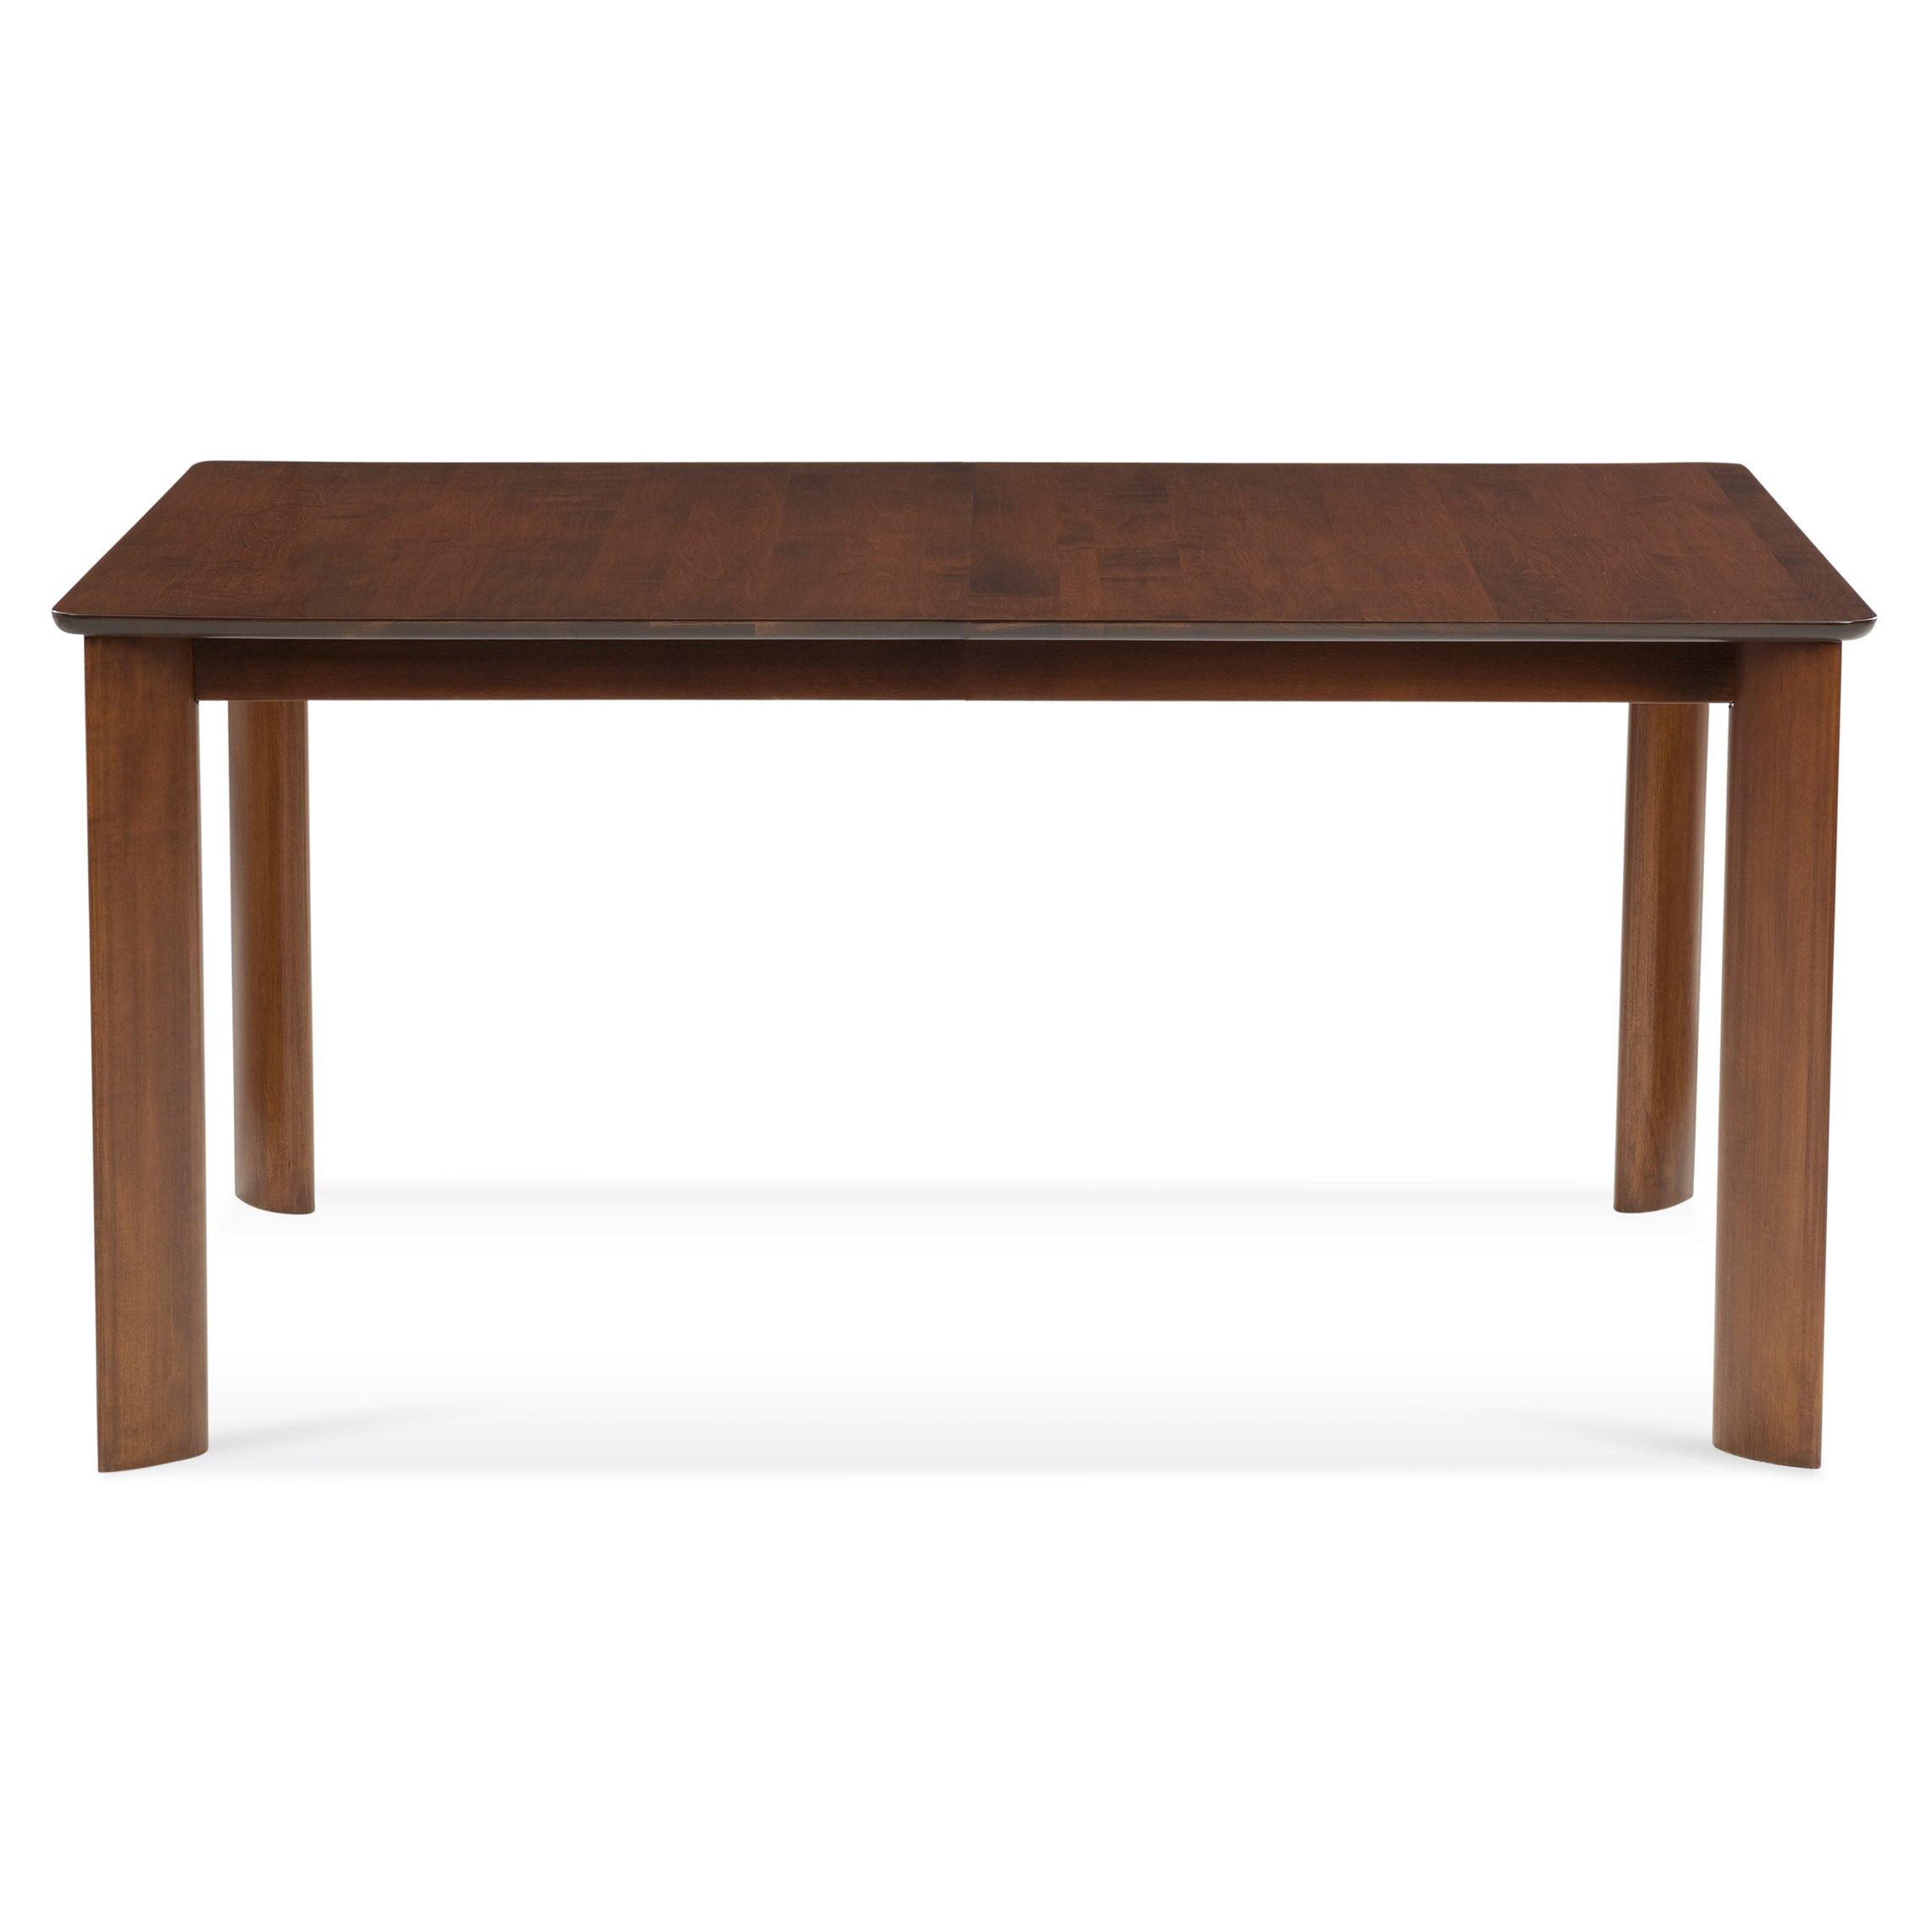 Saloom Furniture Ari Dining Table